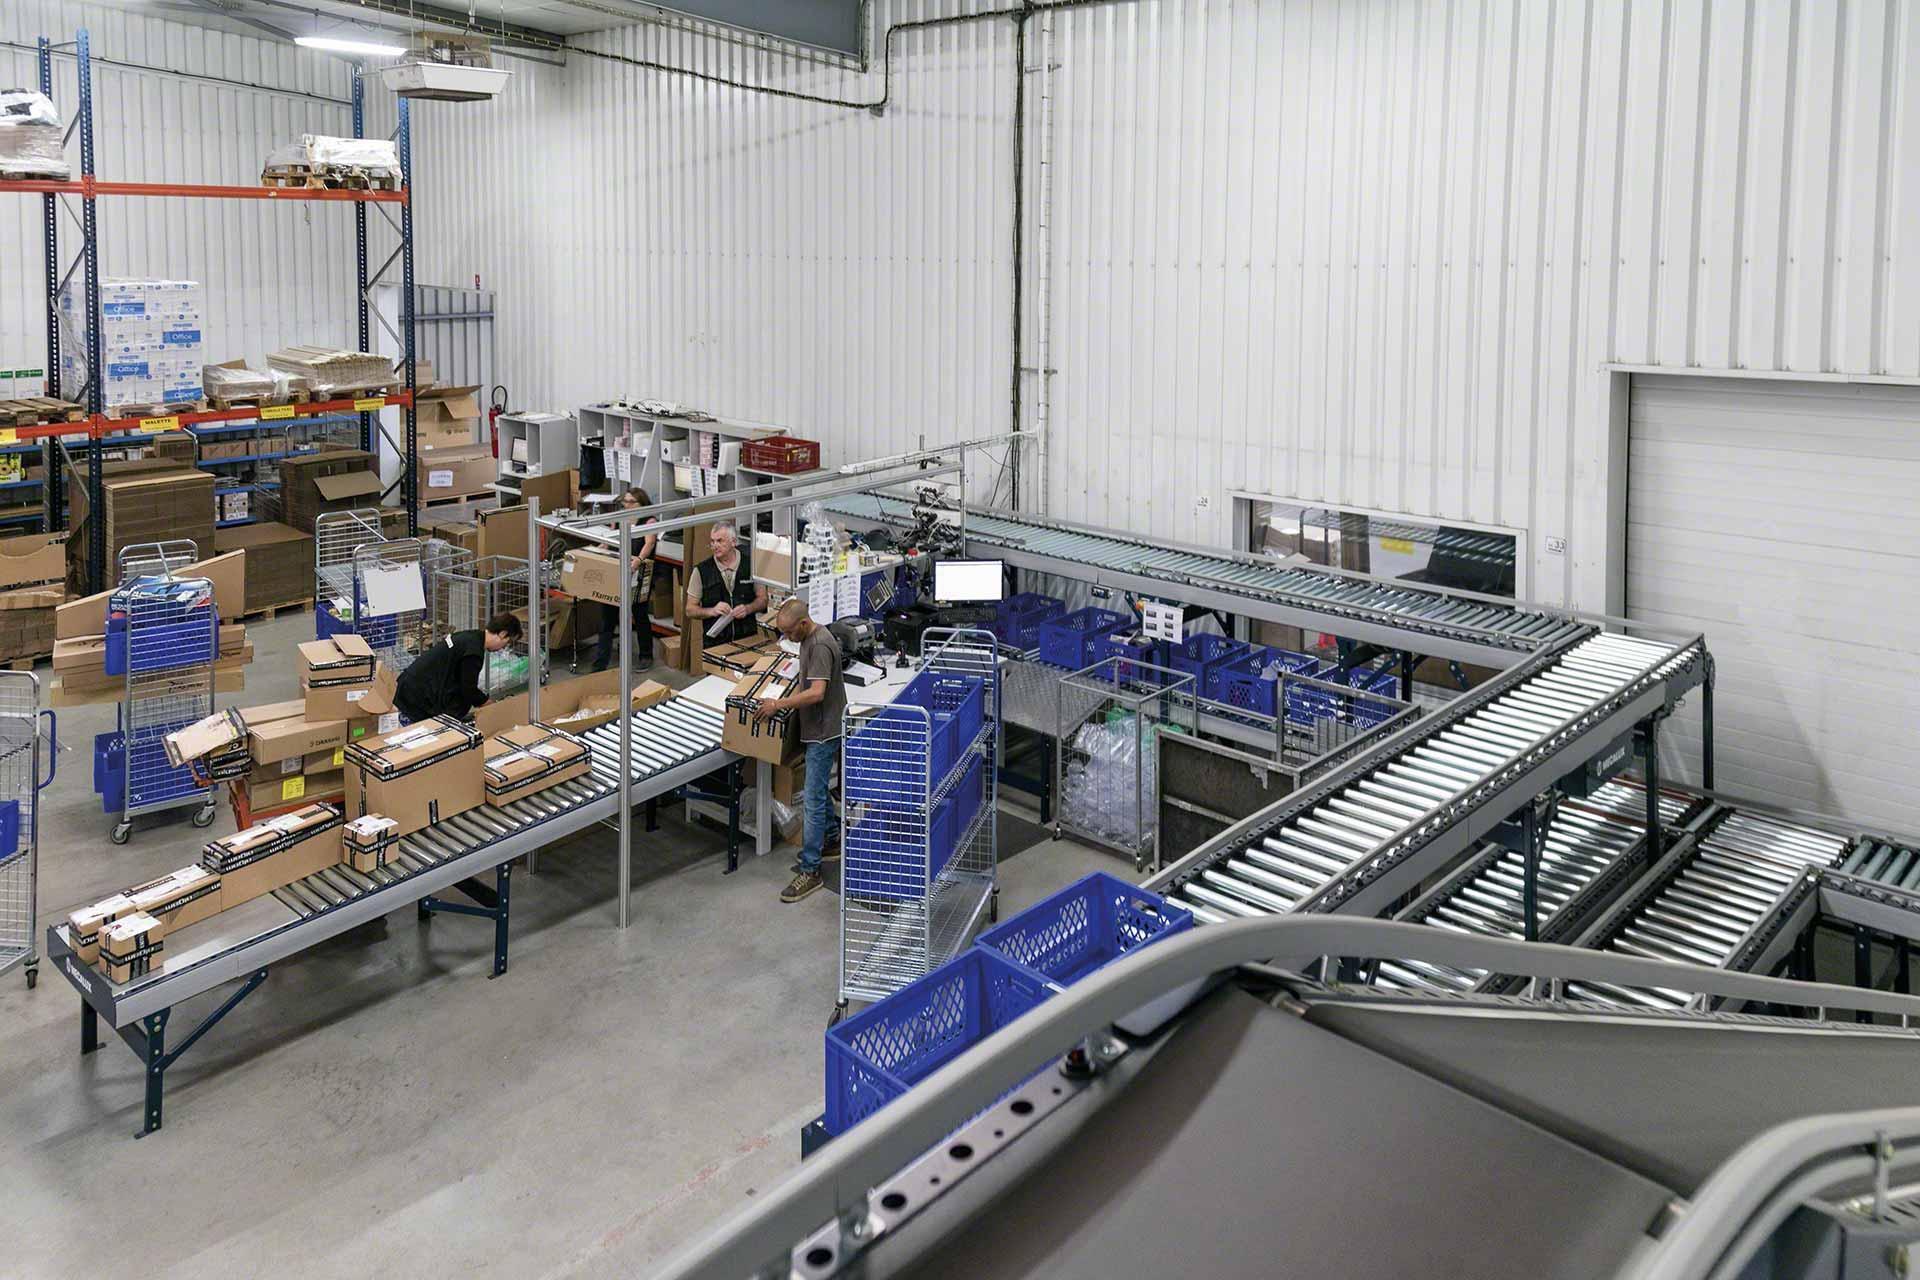 Los circuitos de transportadores de rodillos pueden instalarse en zonas de preparación de pedidos